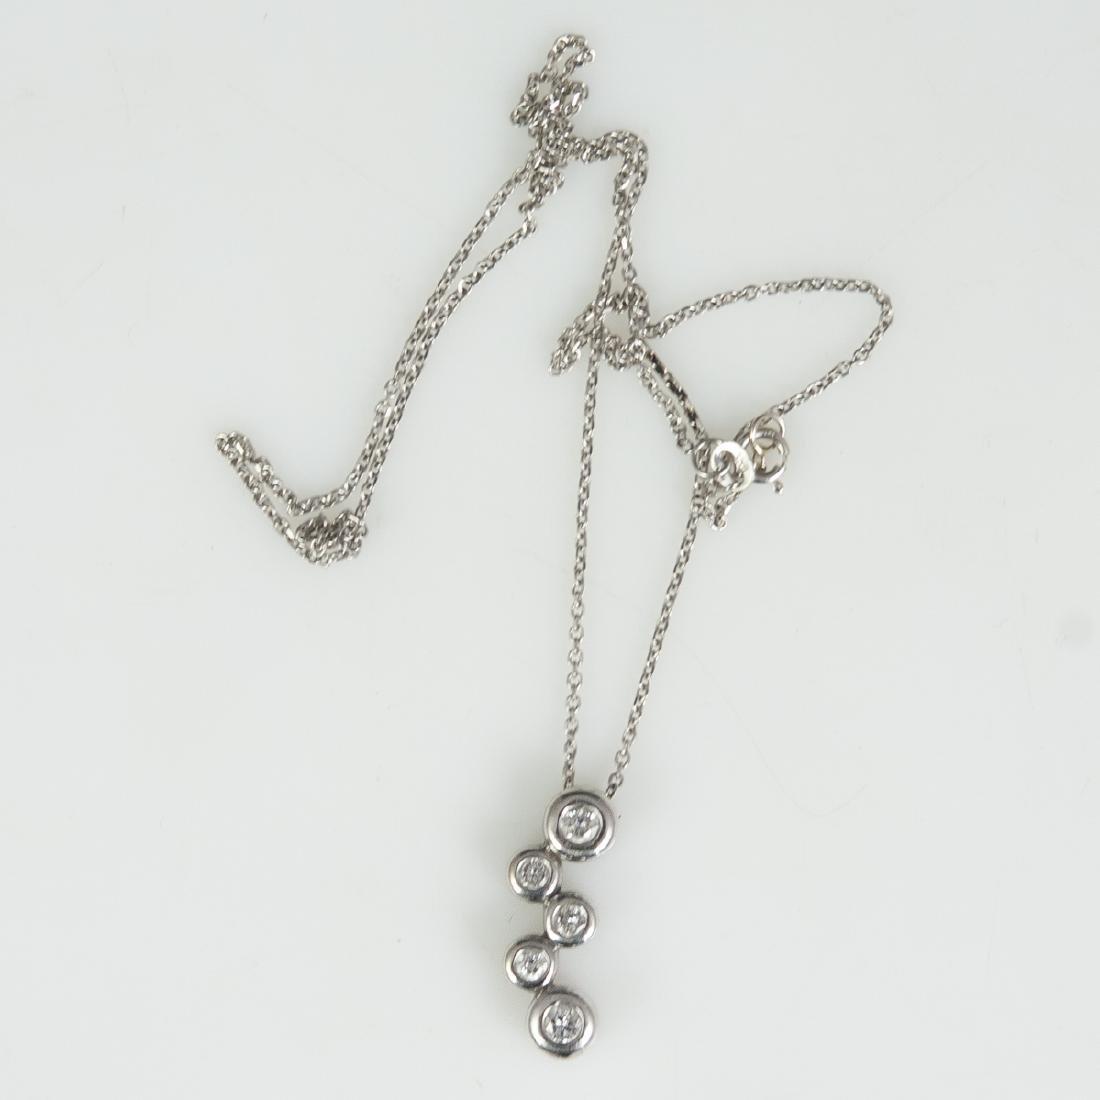 14kt Gold & Diamond Necklace